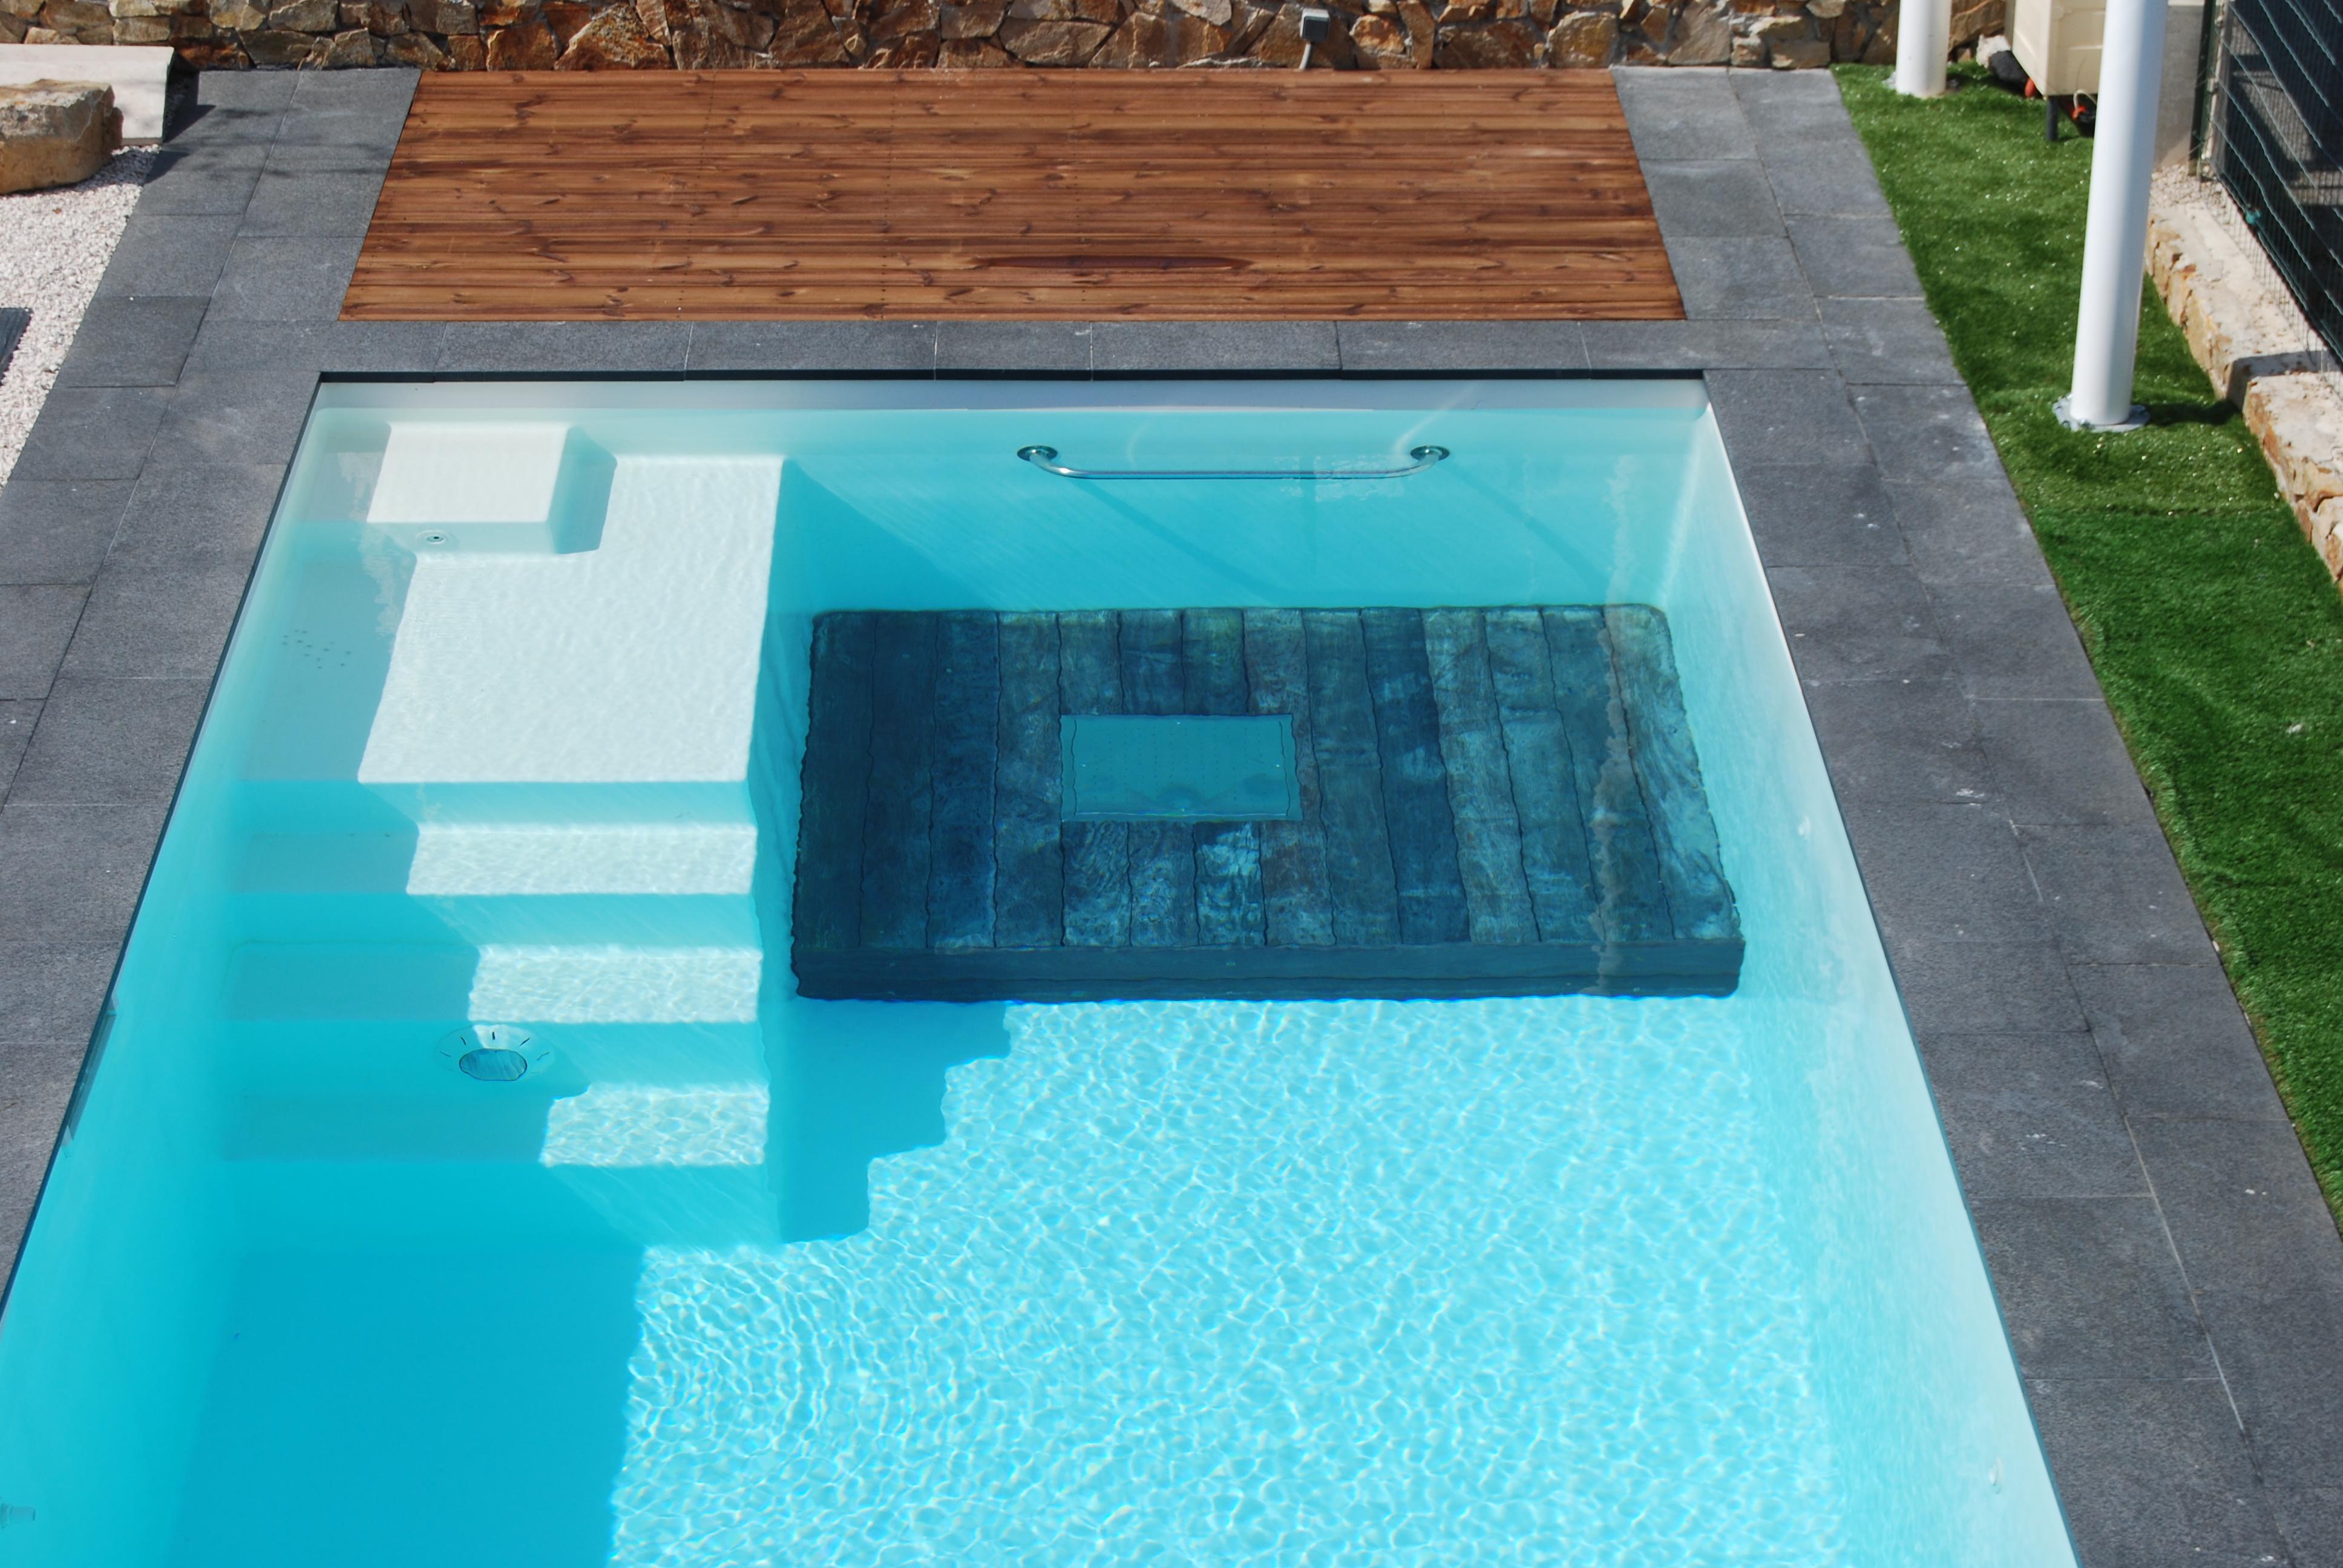 La nouvelle gamme de piscine sport bien tre par - Piscine inox tarif ...